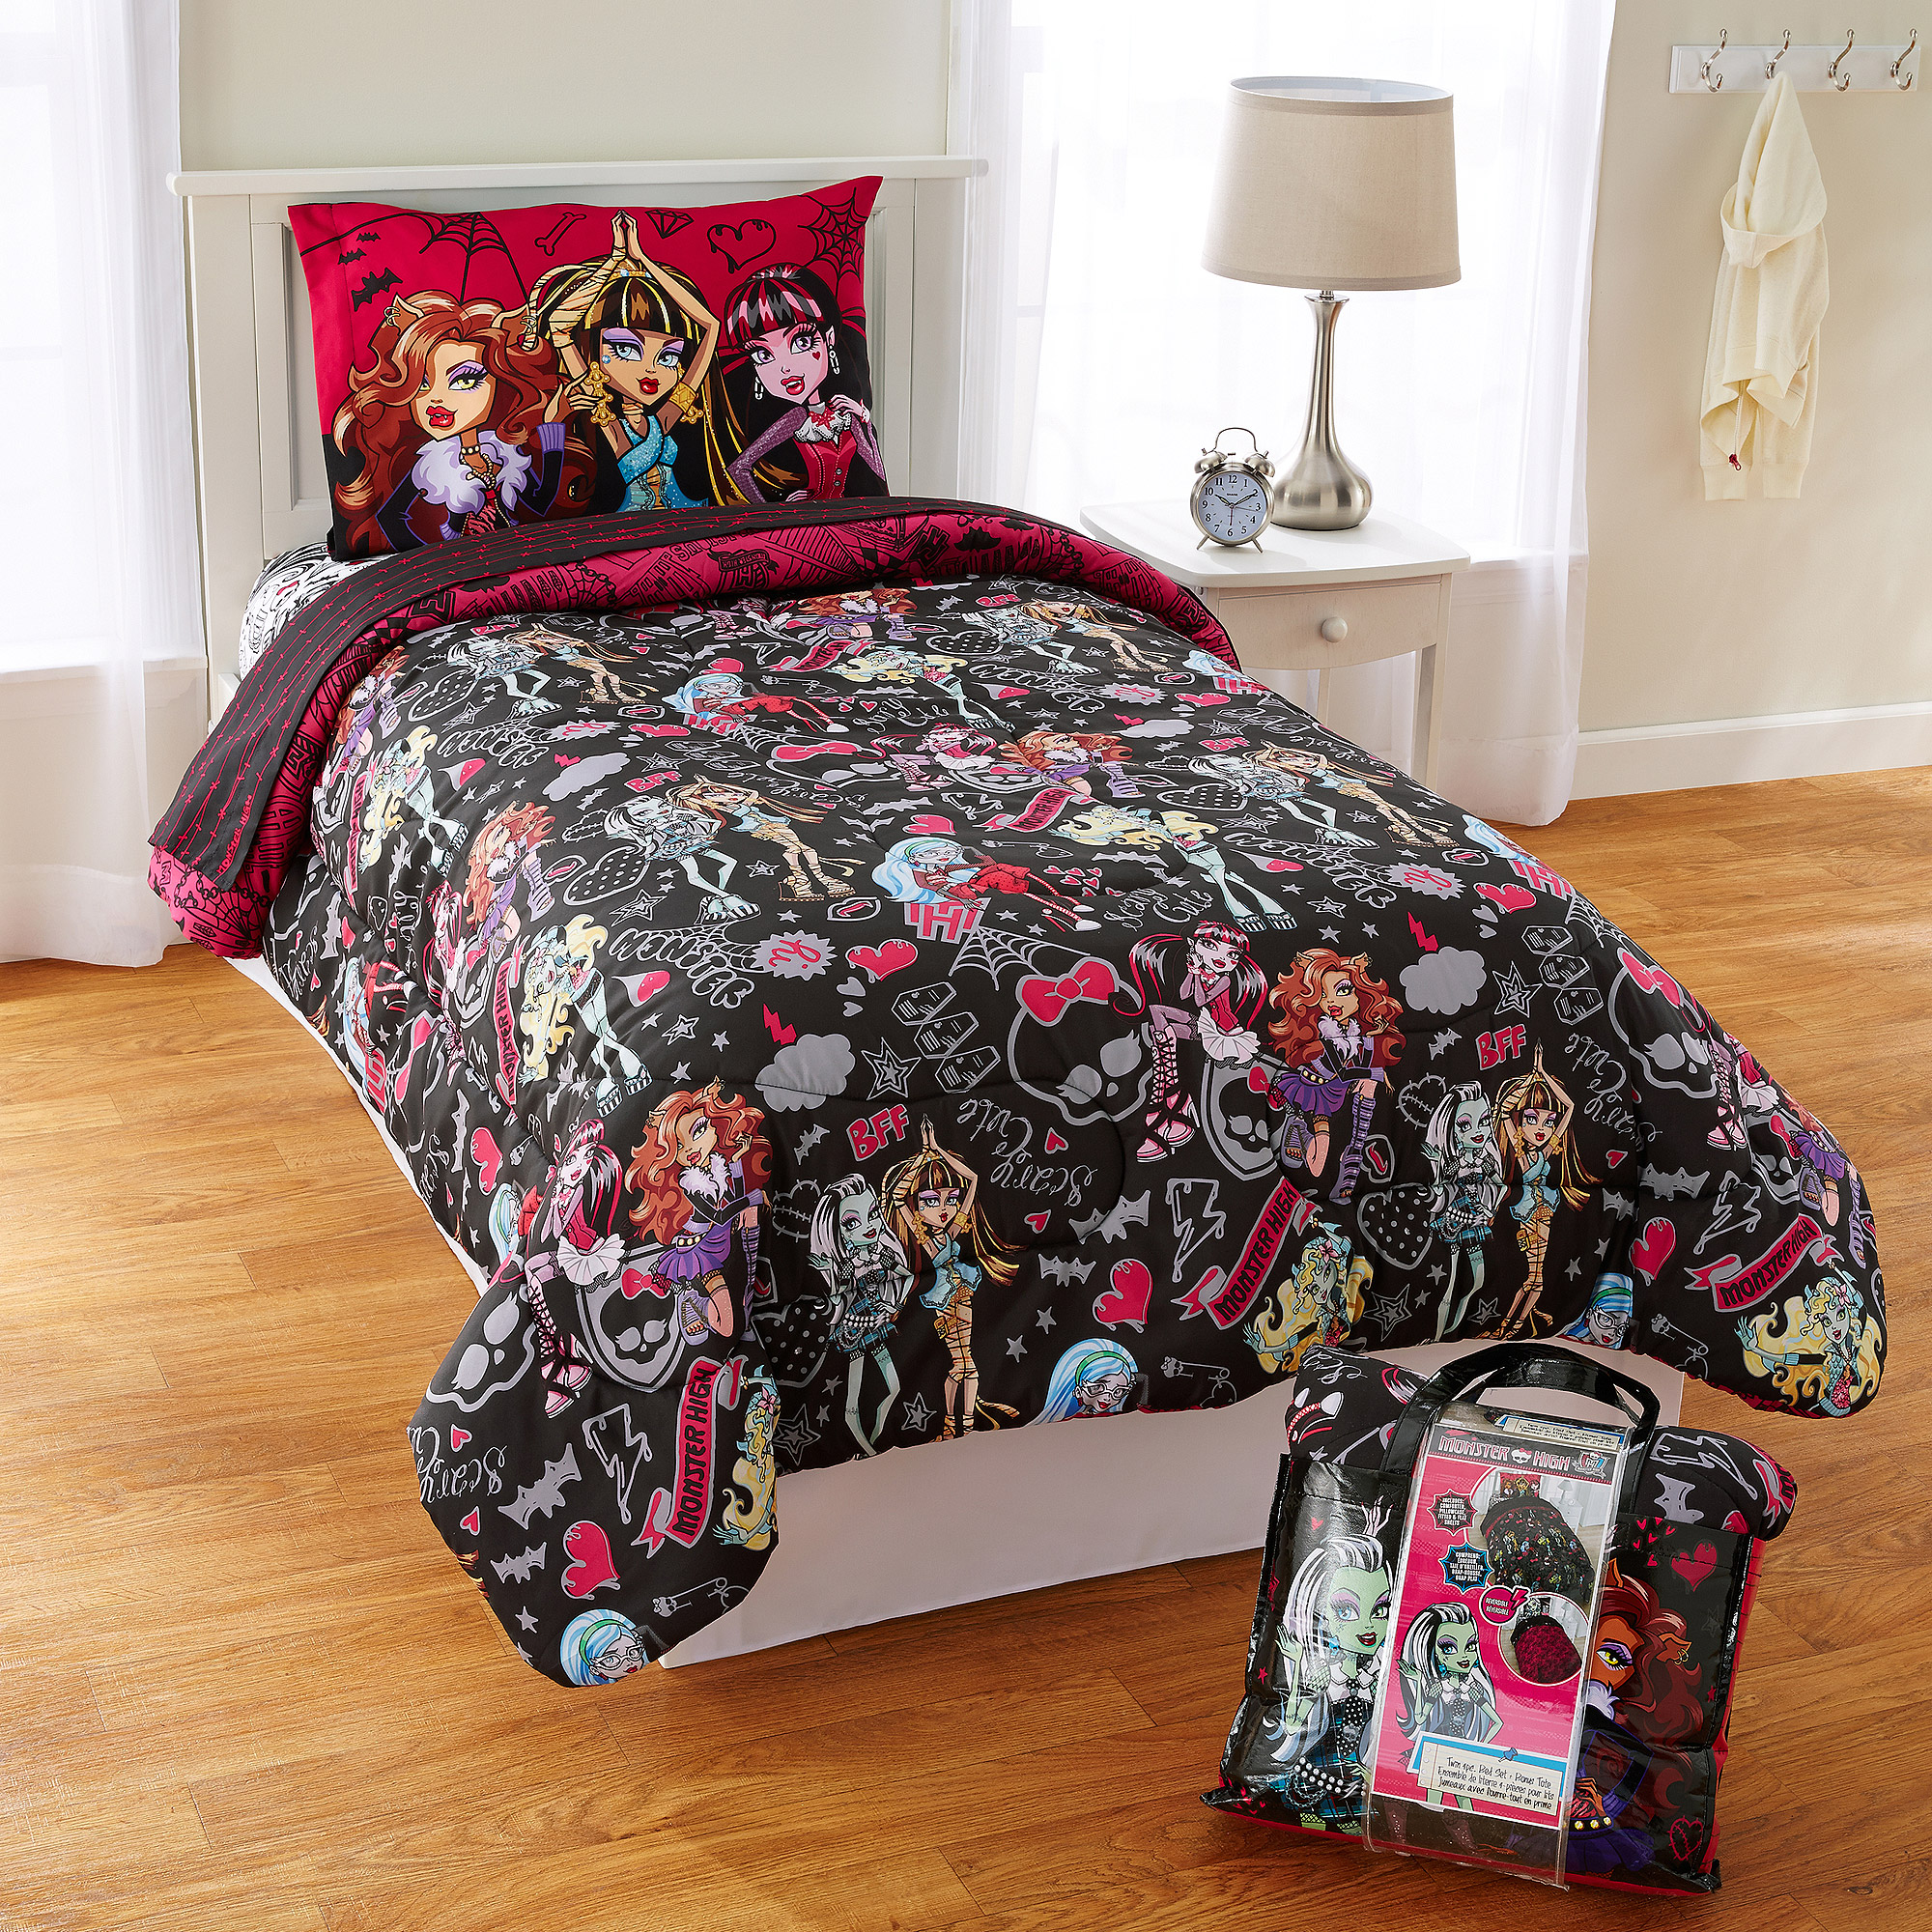 Mattel Monster High Crew 4 Piece Twin Bed Set